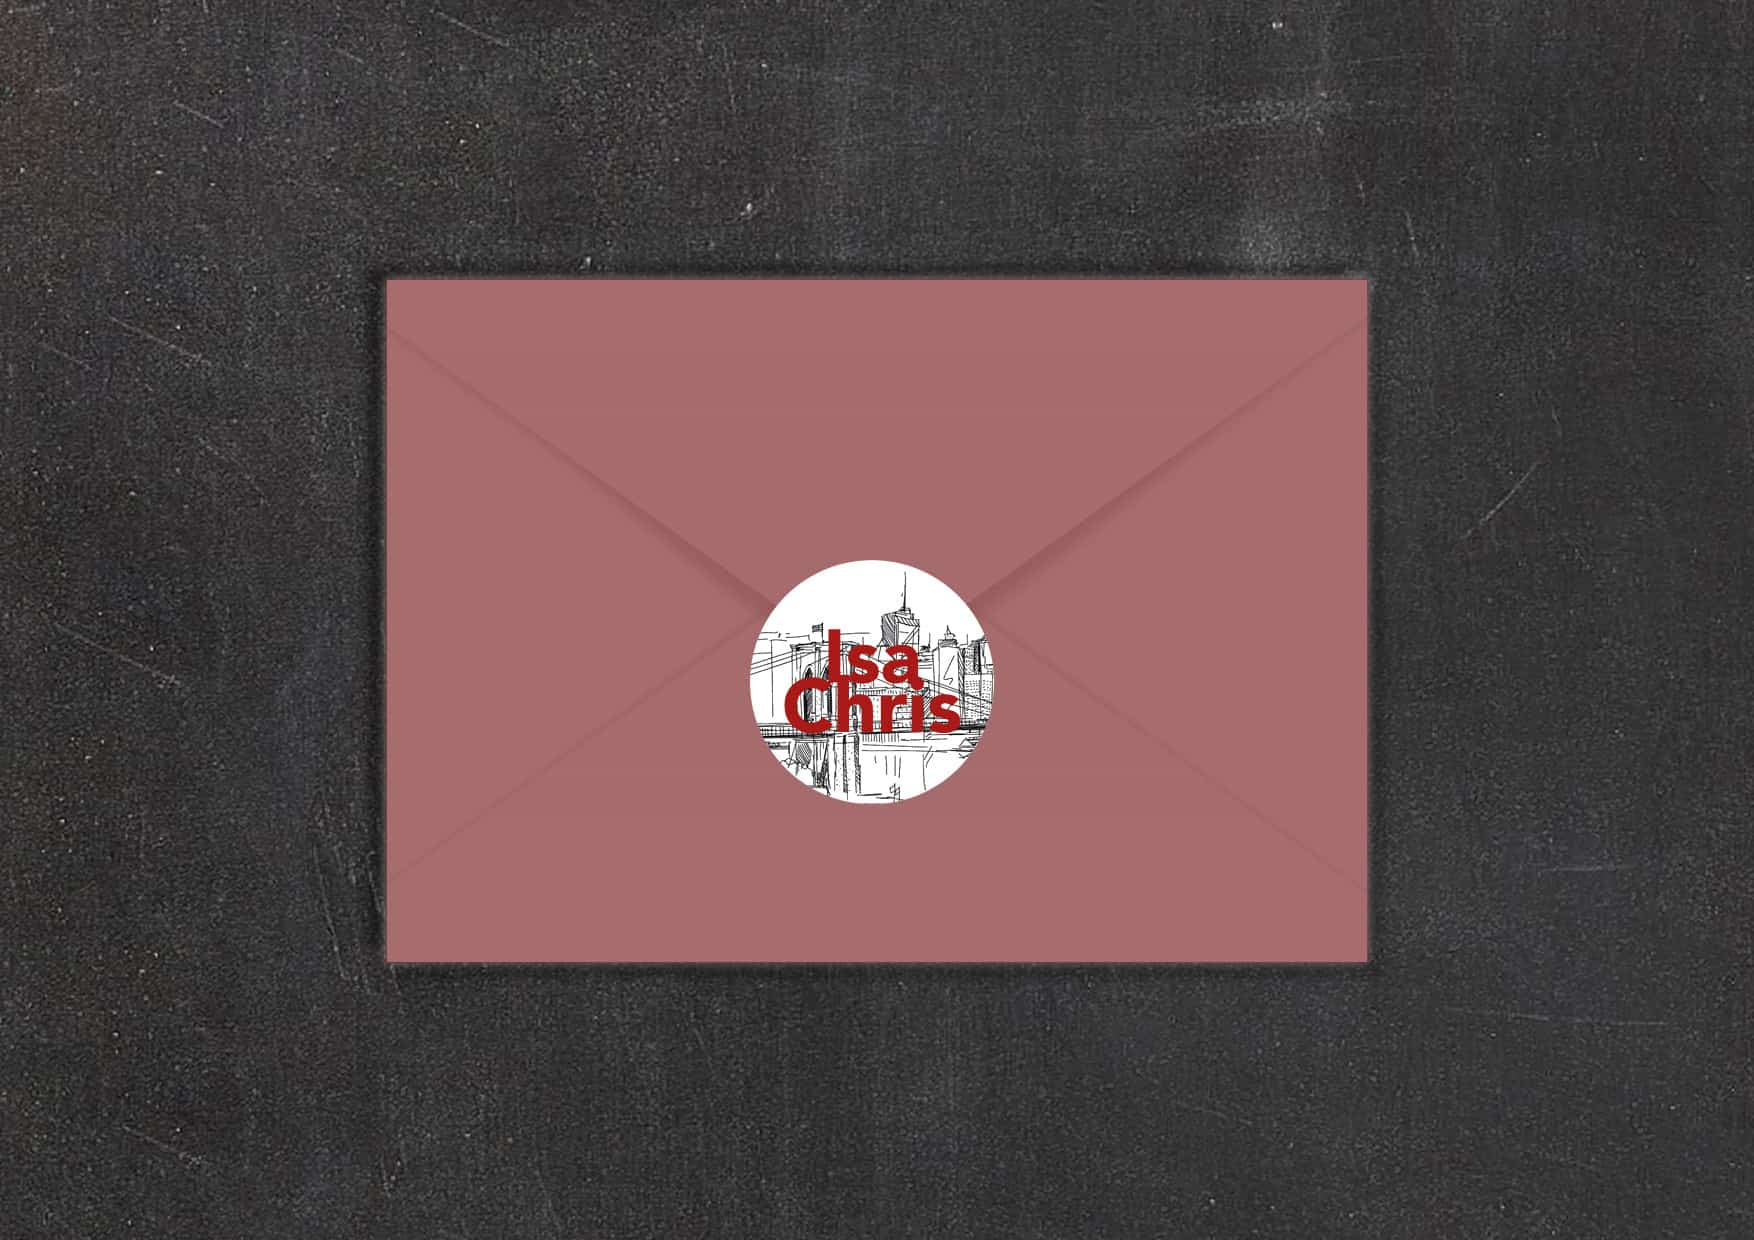 Hochzeitsdesign City Love Umschlag und Aufkleber